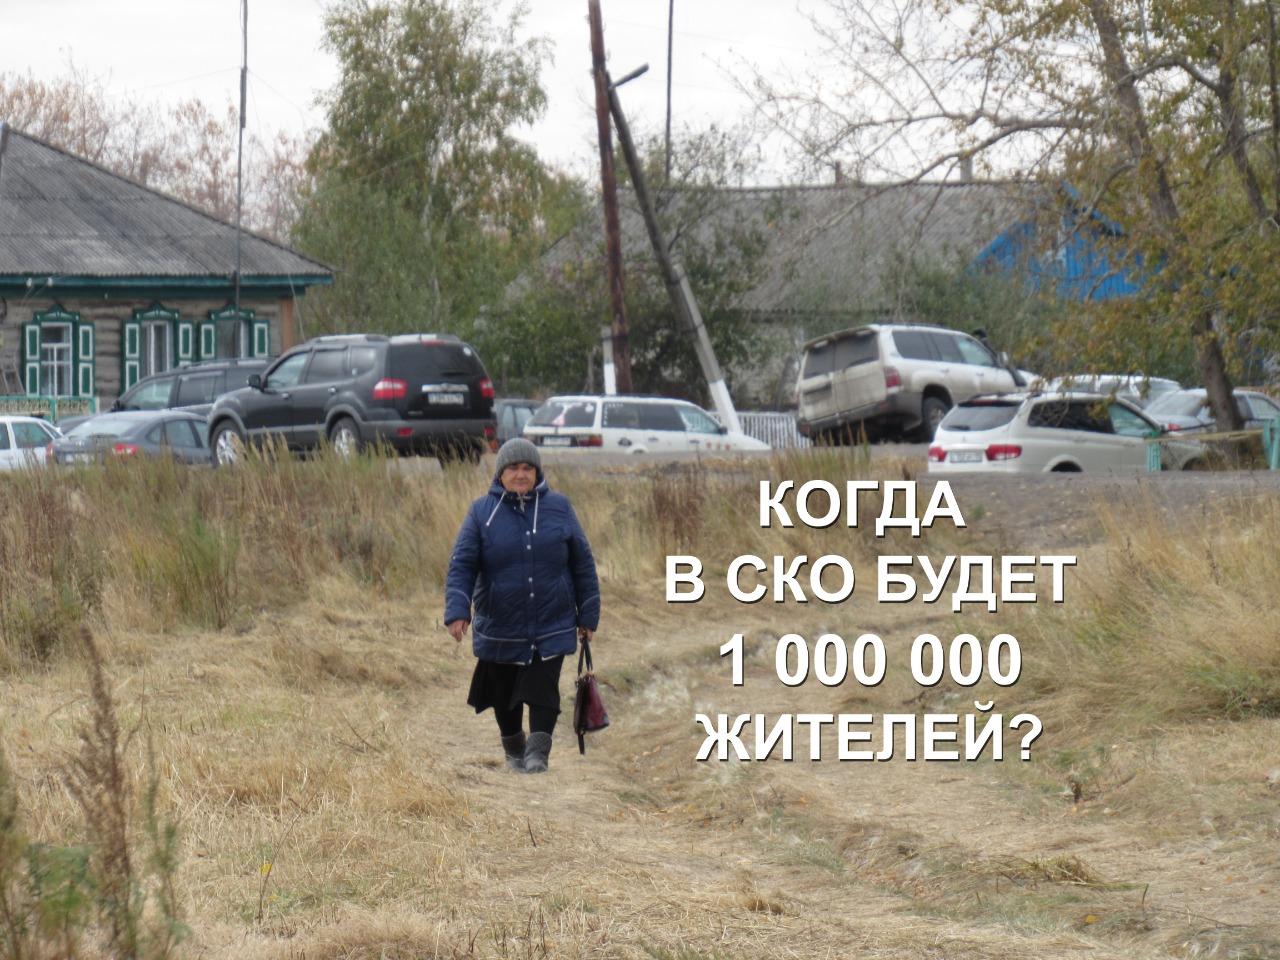 Население Северо-Казахстанской области к 2020 году могло превысить 1 000 000